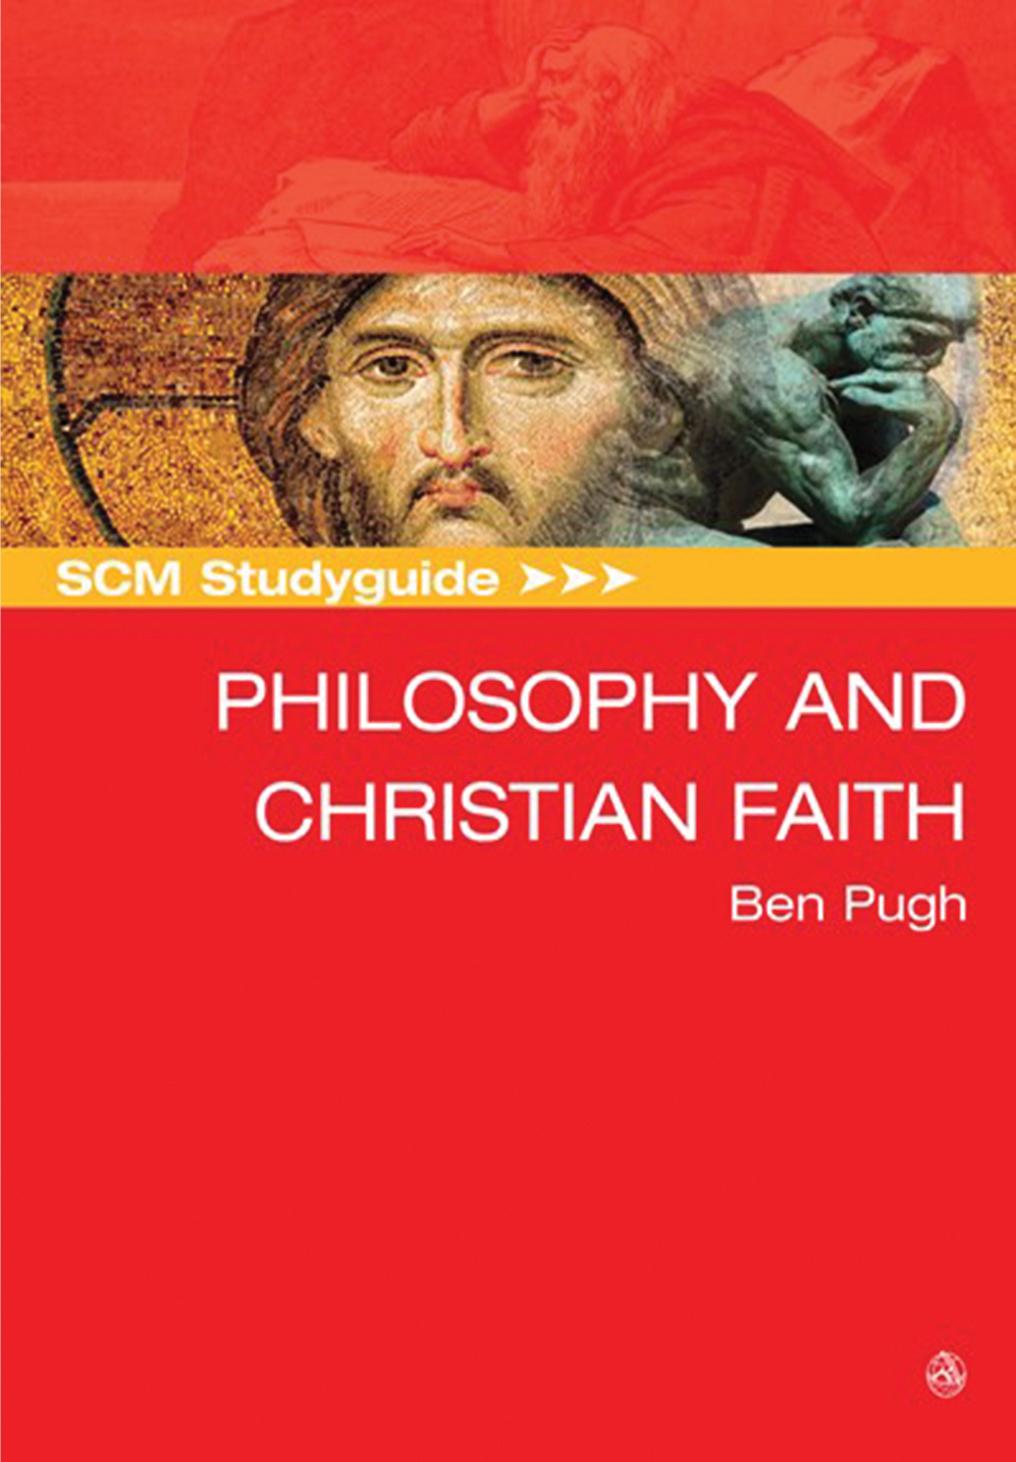 Philosophy and Christian Faith